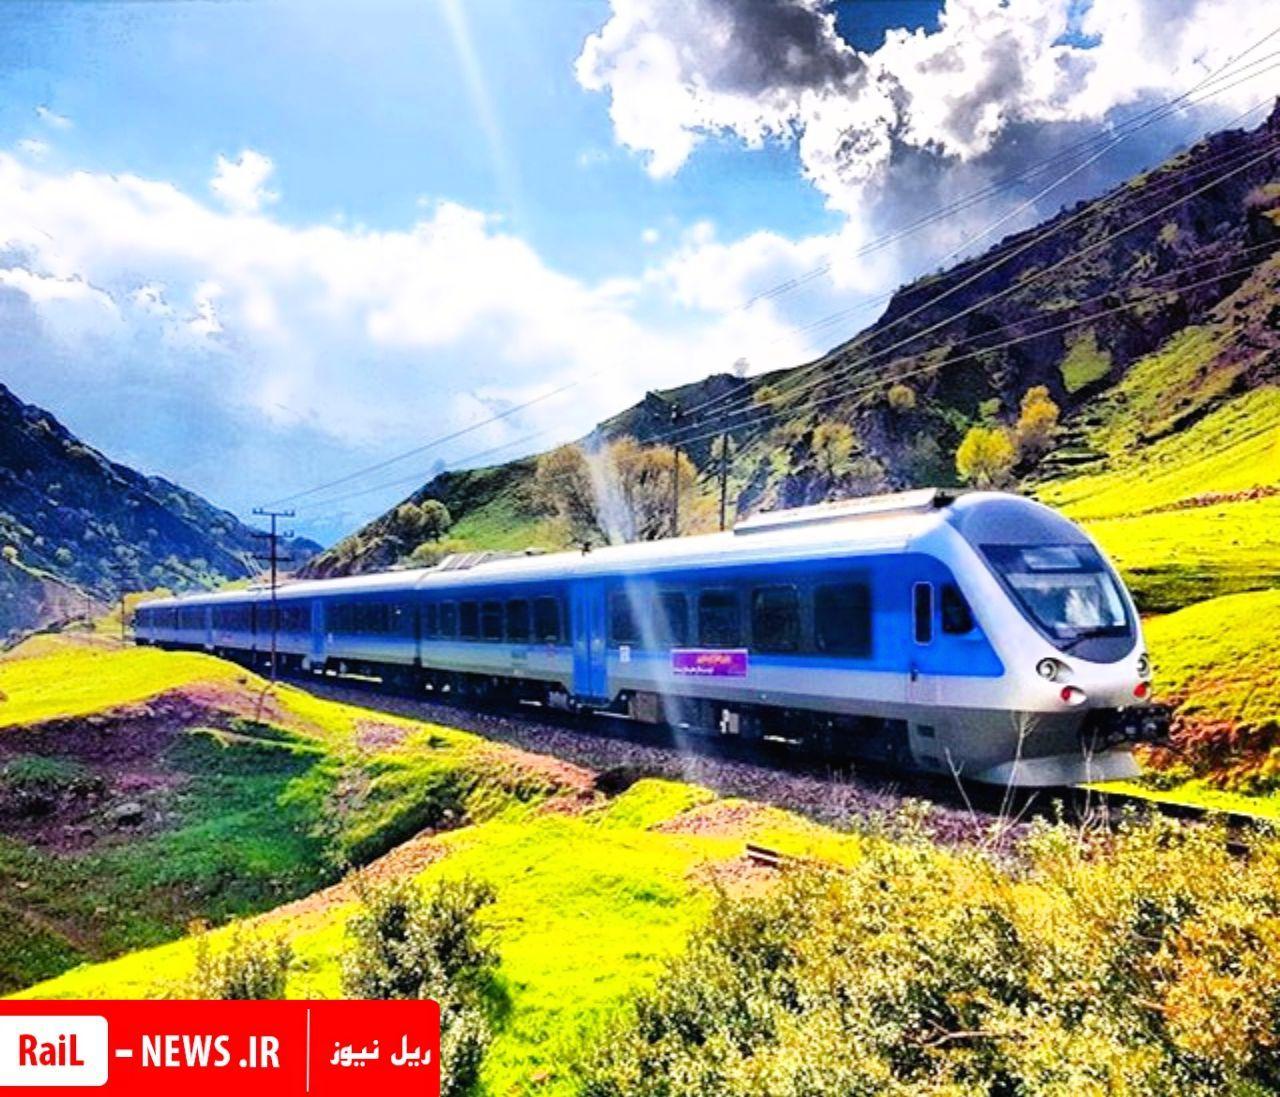 حرکت کلیه قطارها طبق ساعت رسمی کشور